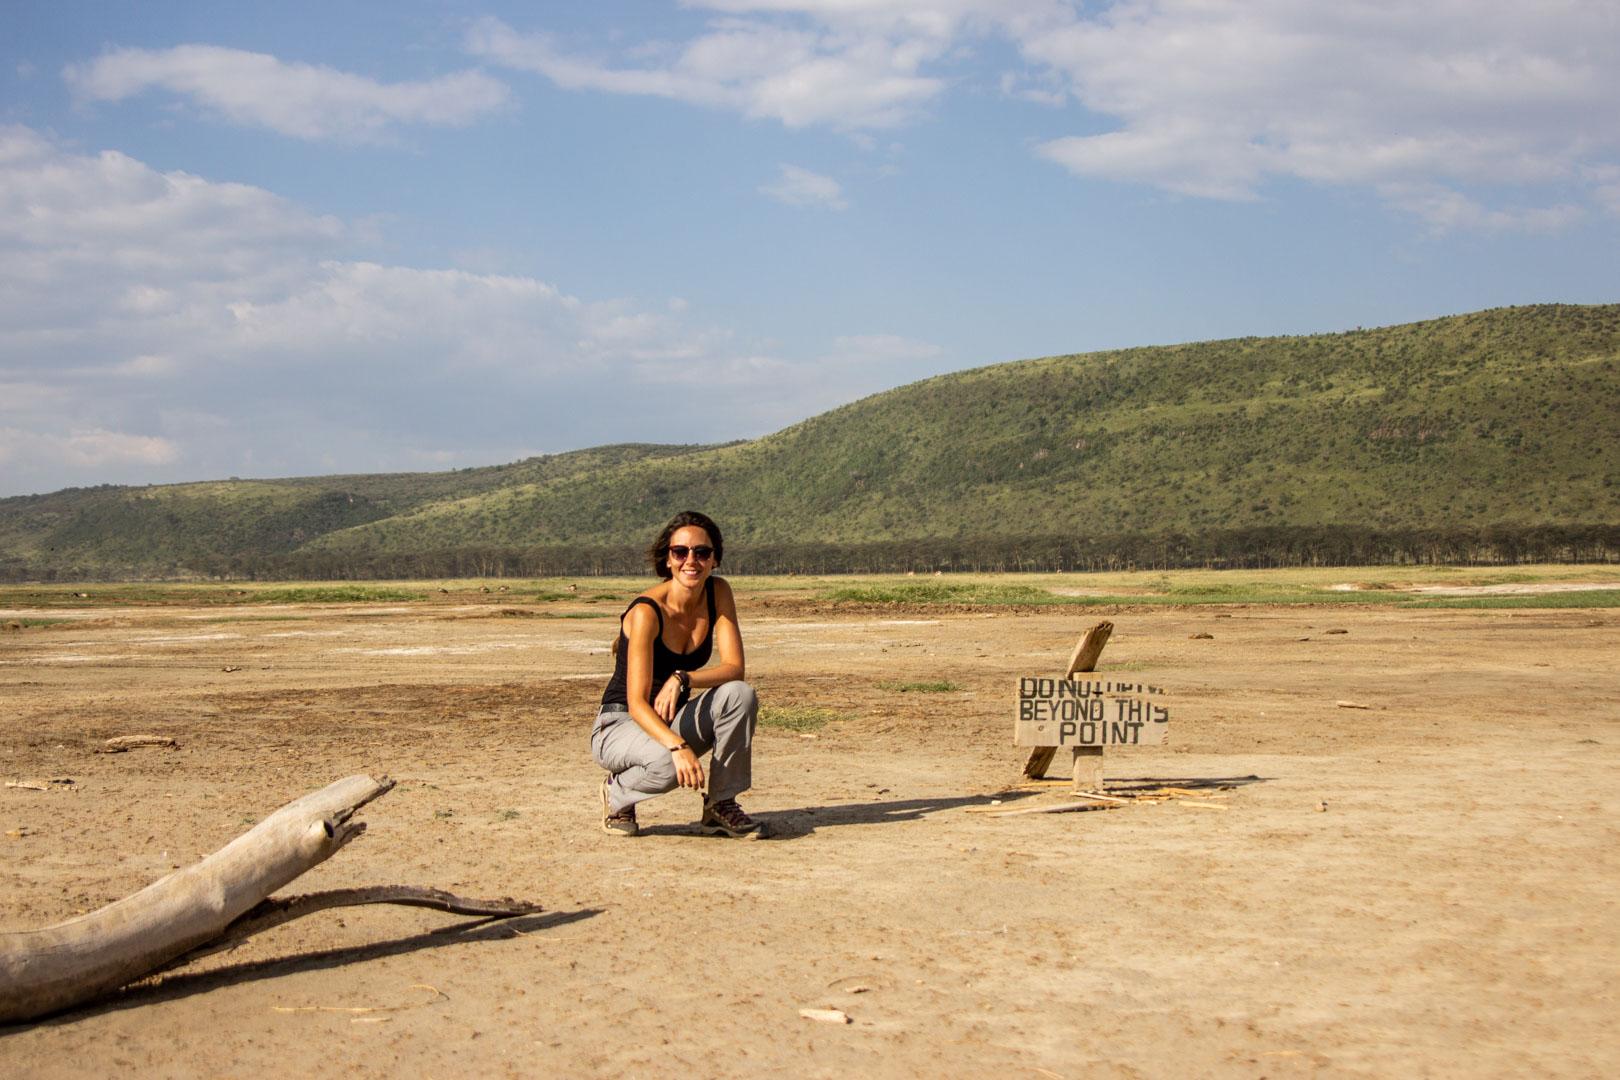 """Cartel de """"no pasar"""" en Lago Nakuru, Kenia"""